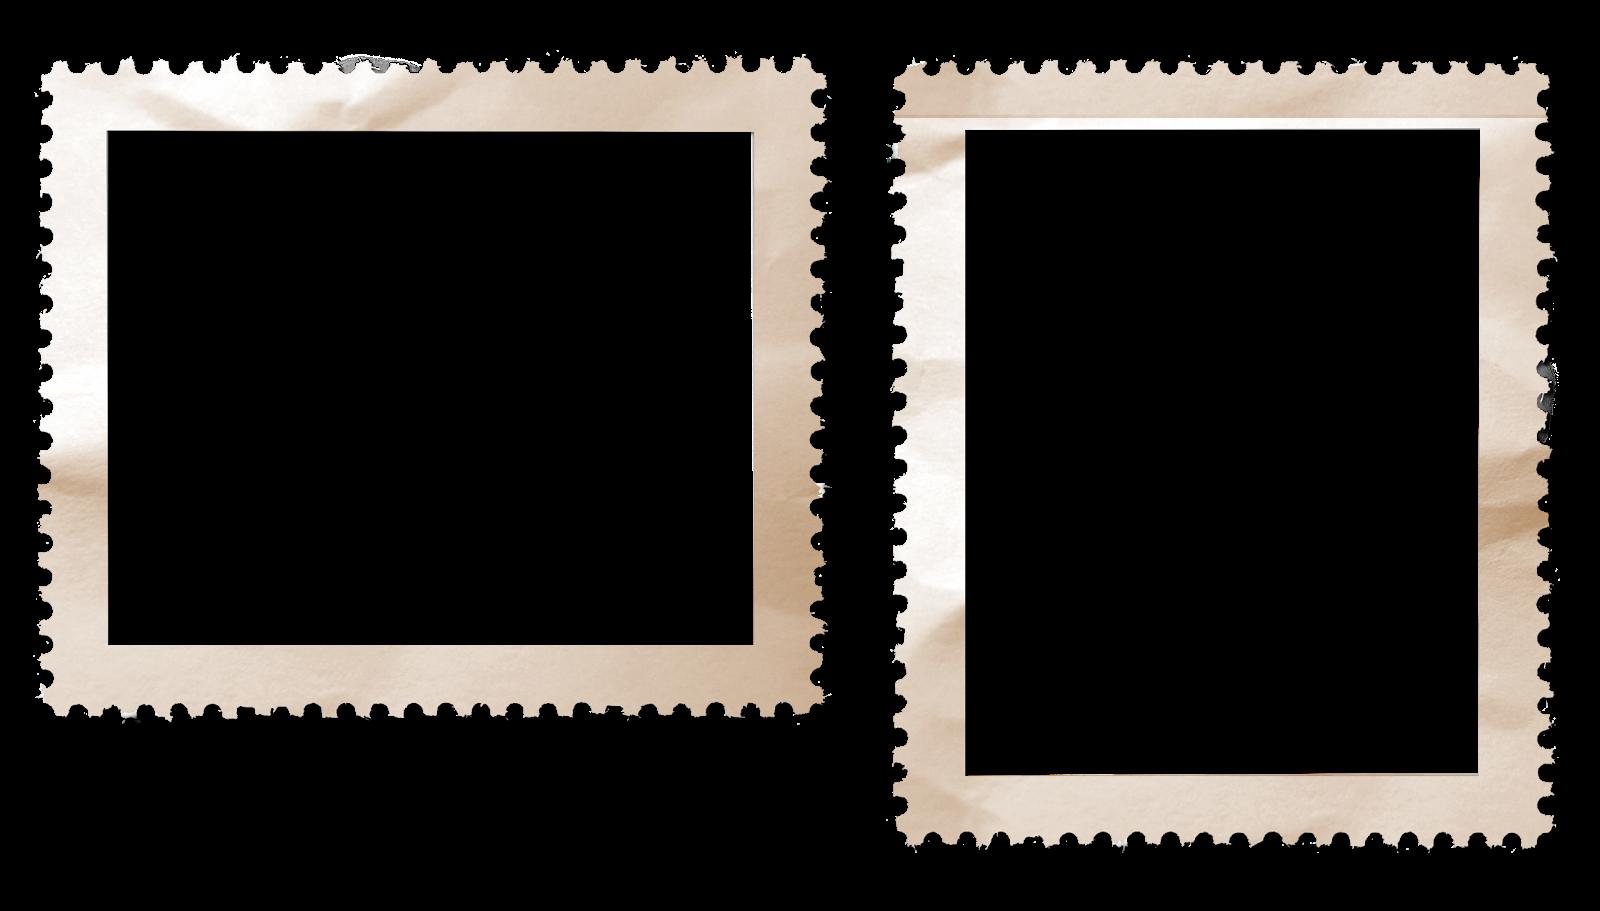 Postage Stamp Border Wrinkled